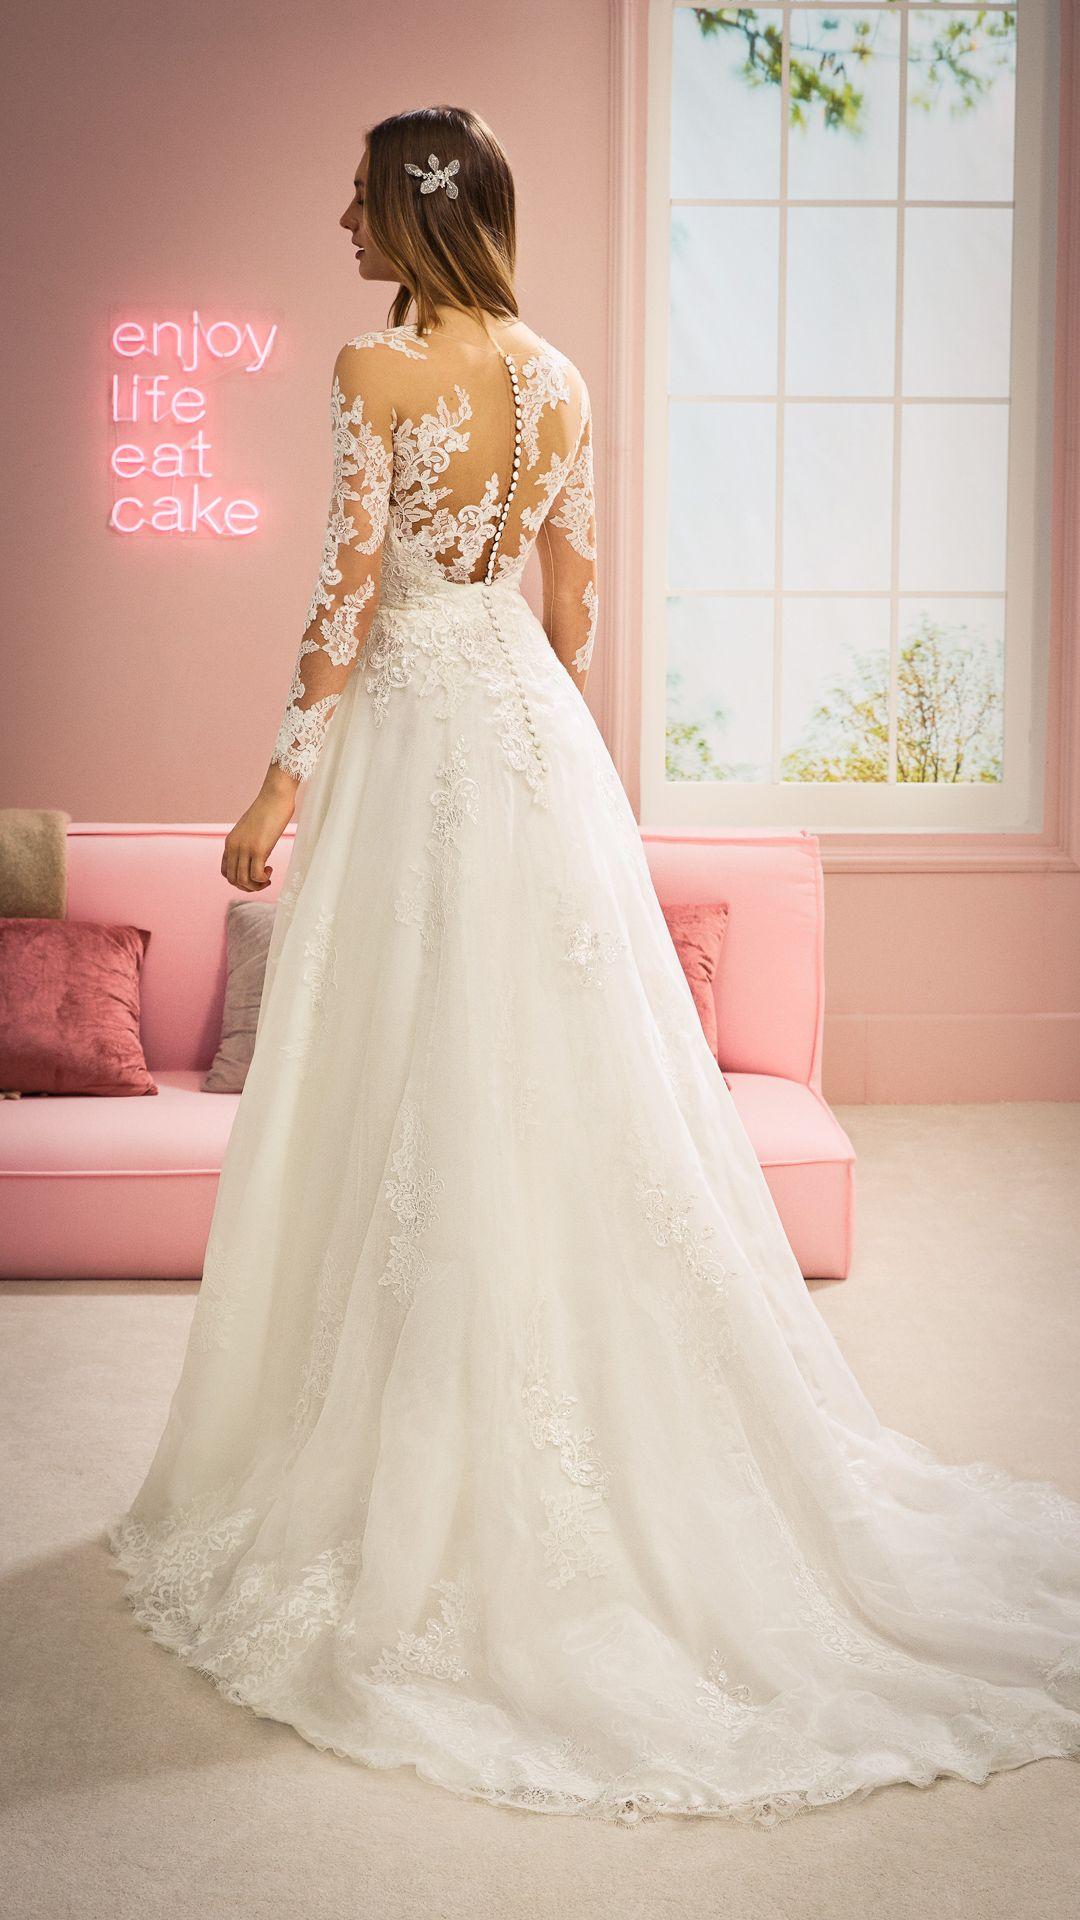 Hochzeitskleider 20 White One Kollektion Modell: RUKSHANA-C